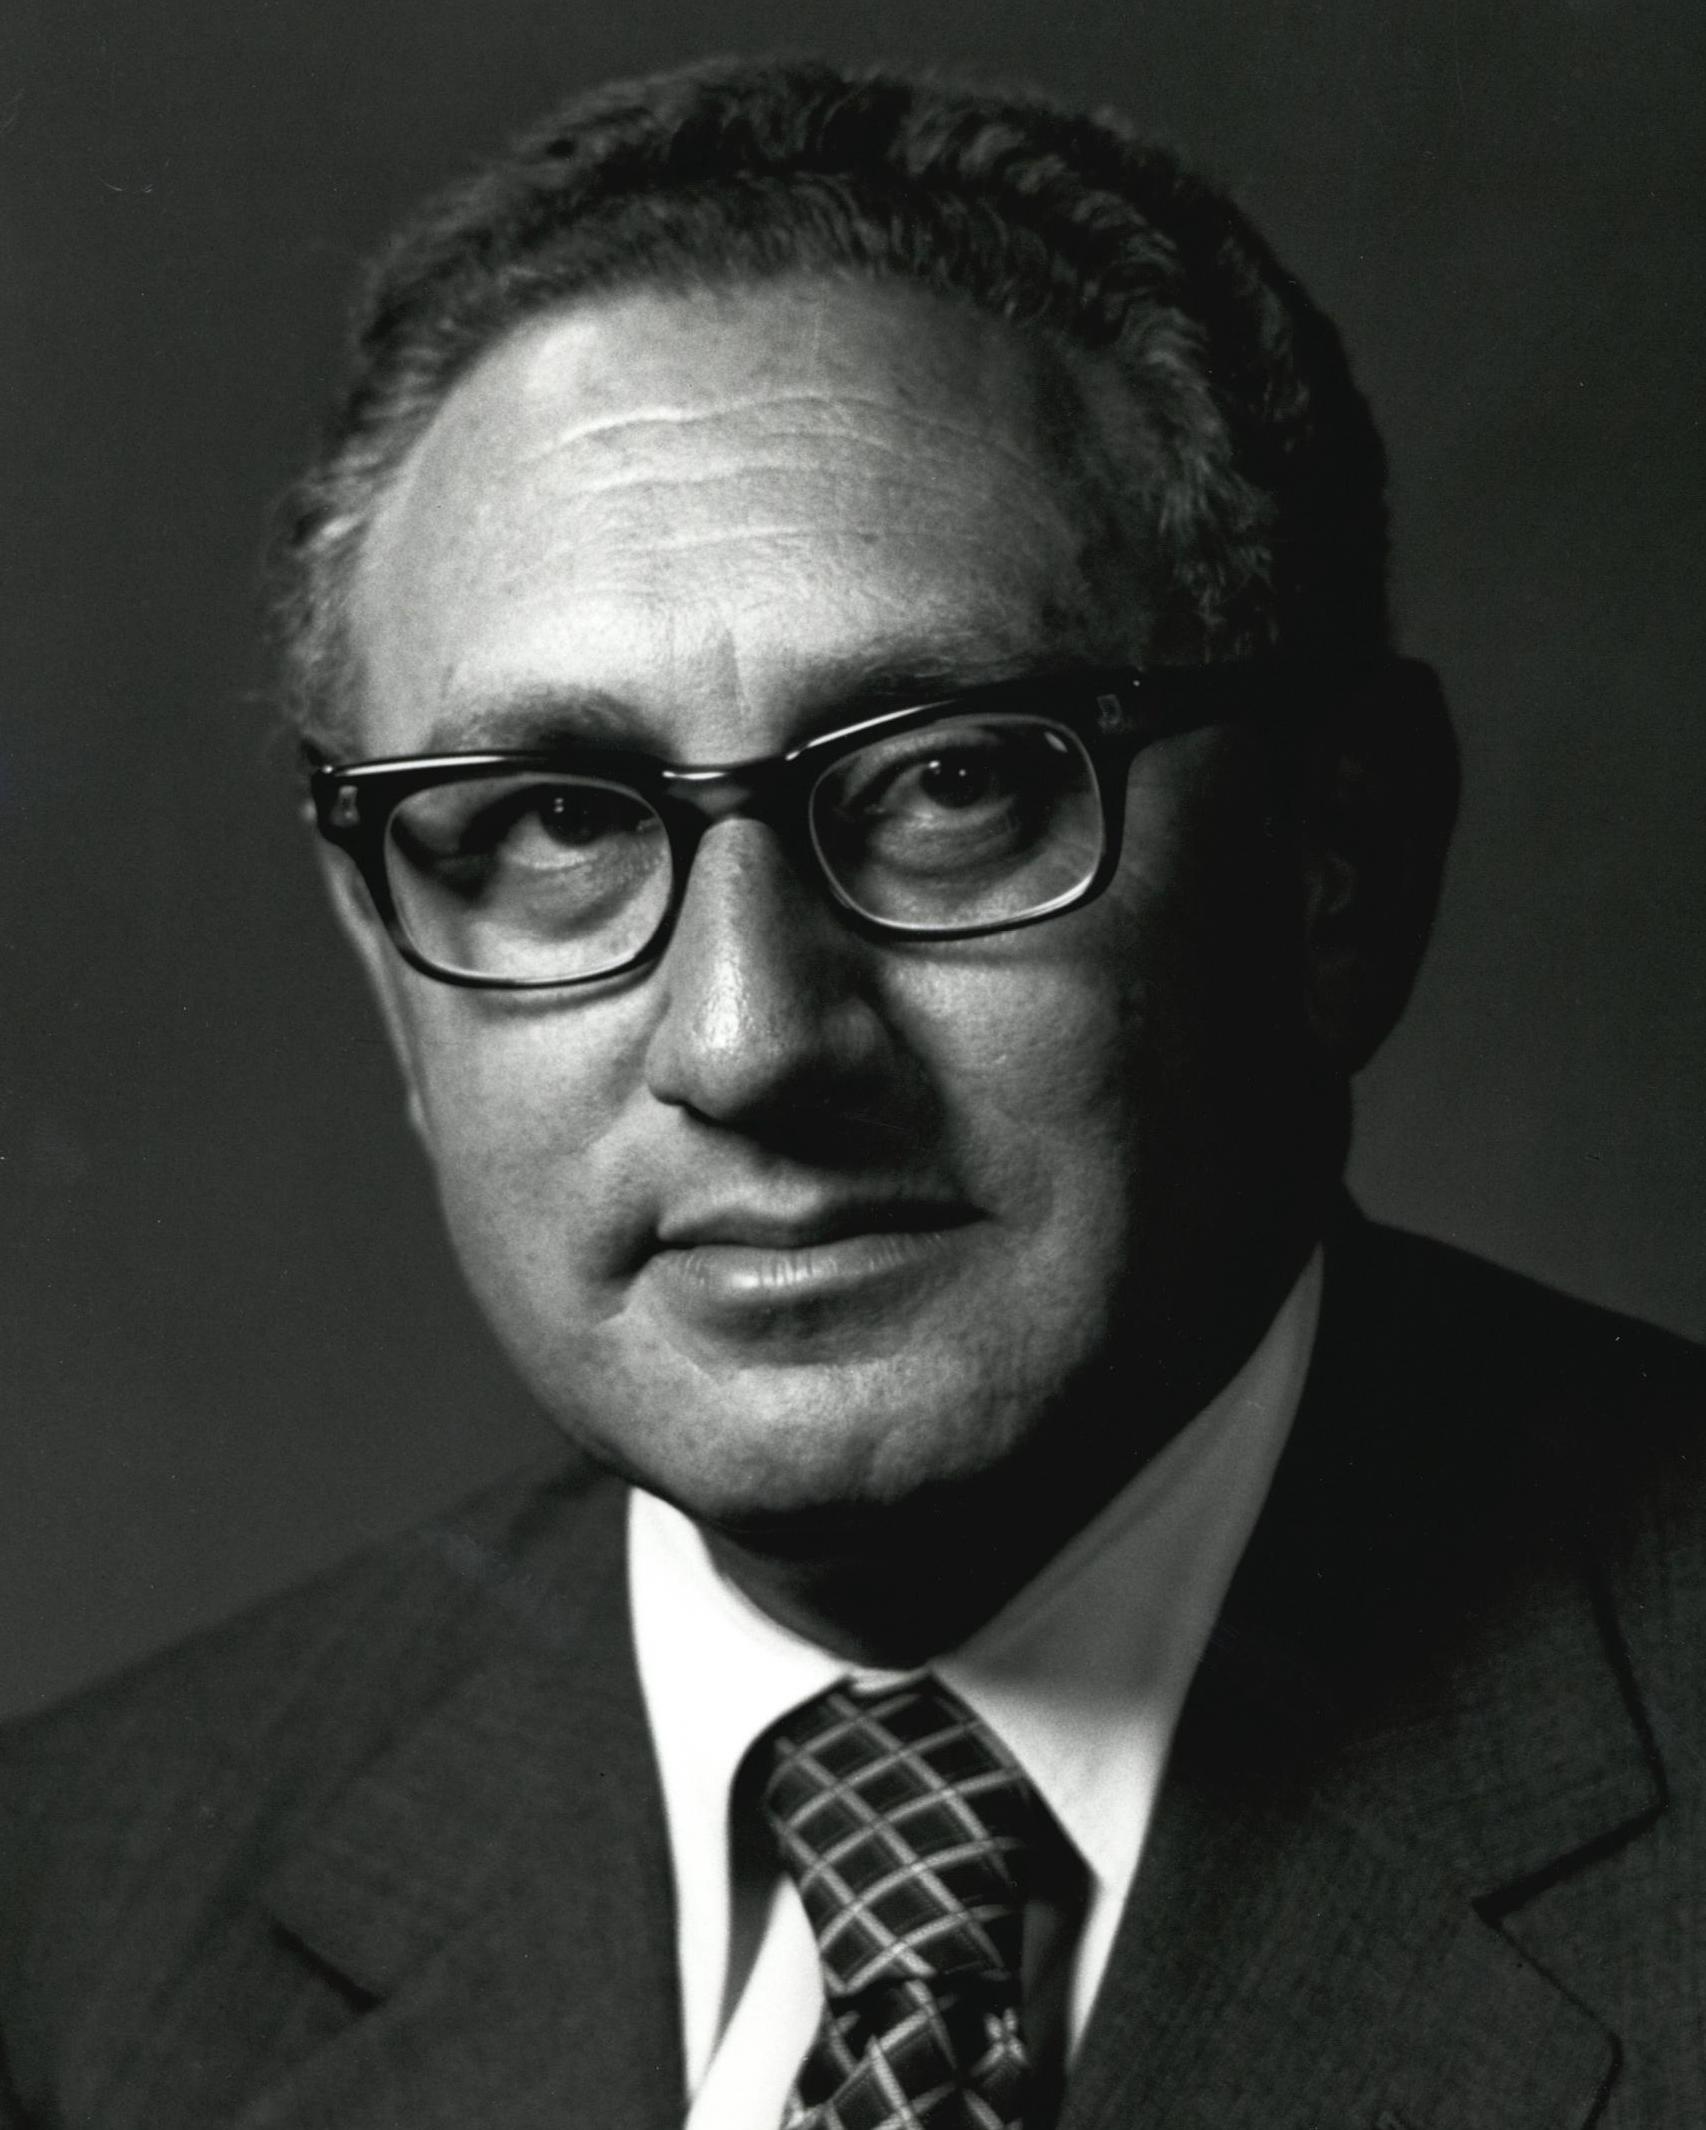 Veja o que saiu no Migalhas sobre Henry Kissinger